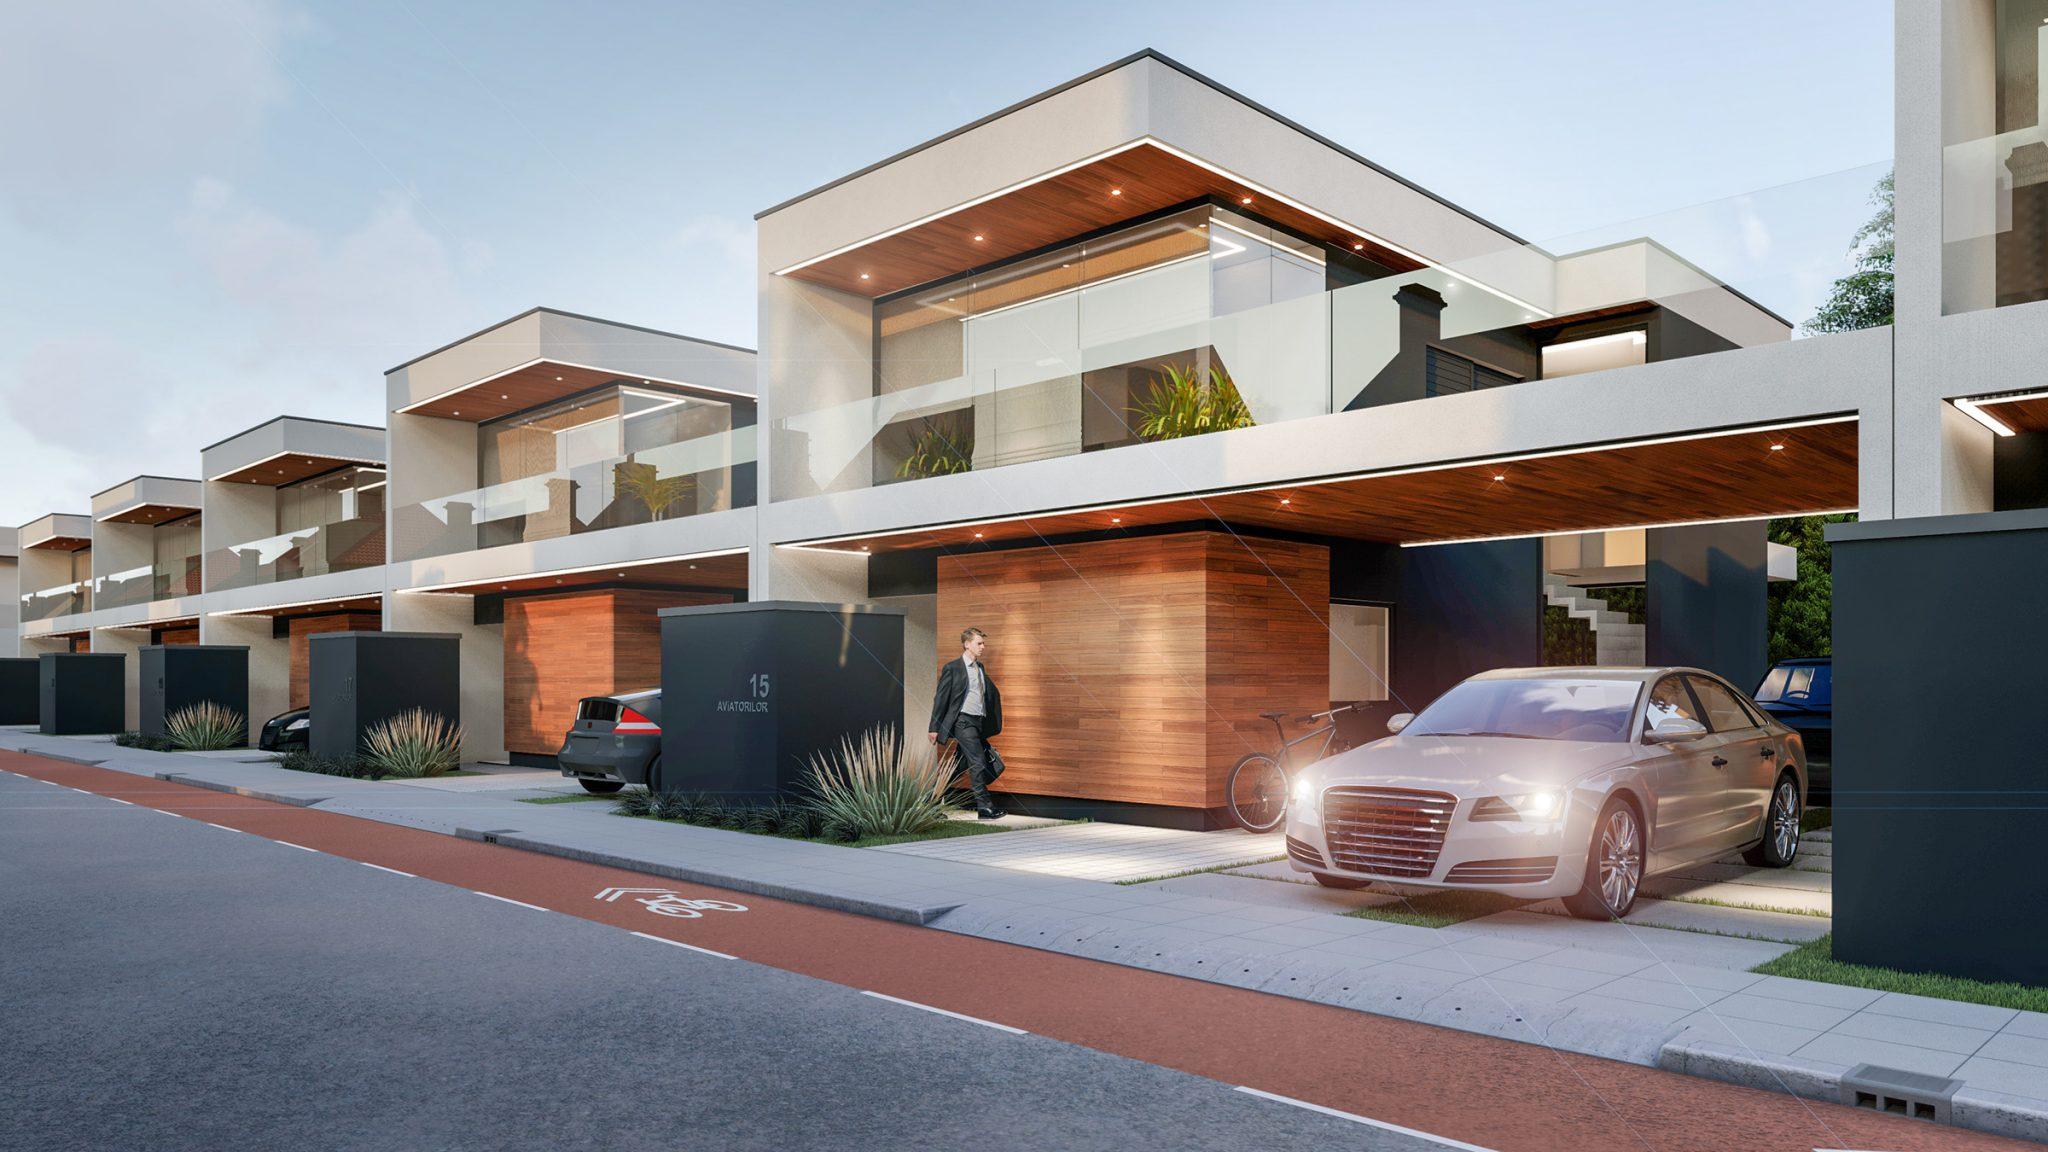 proiect arhitectural pentru case individuale din Bucuresti